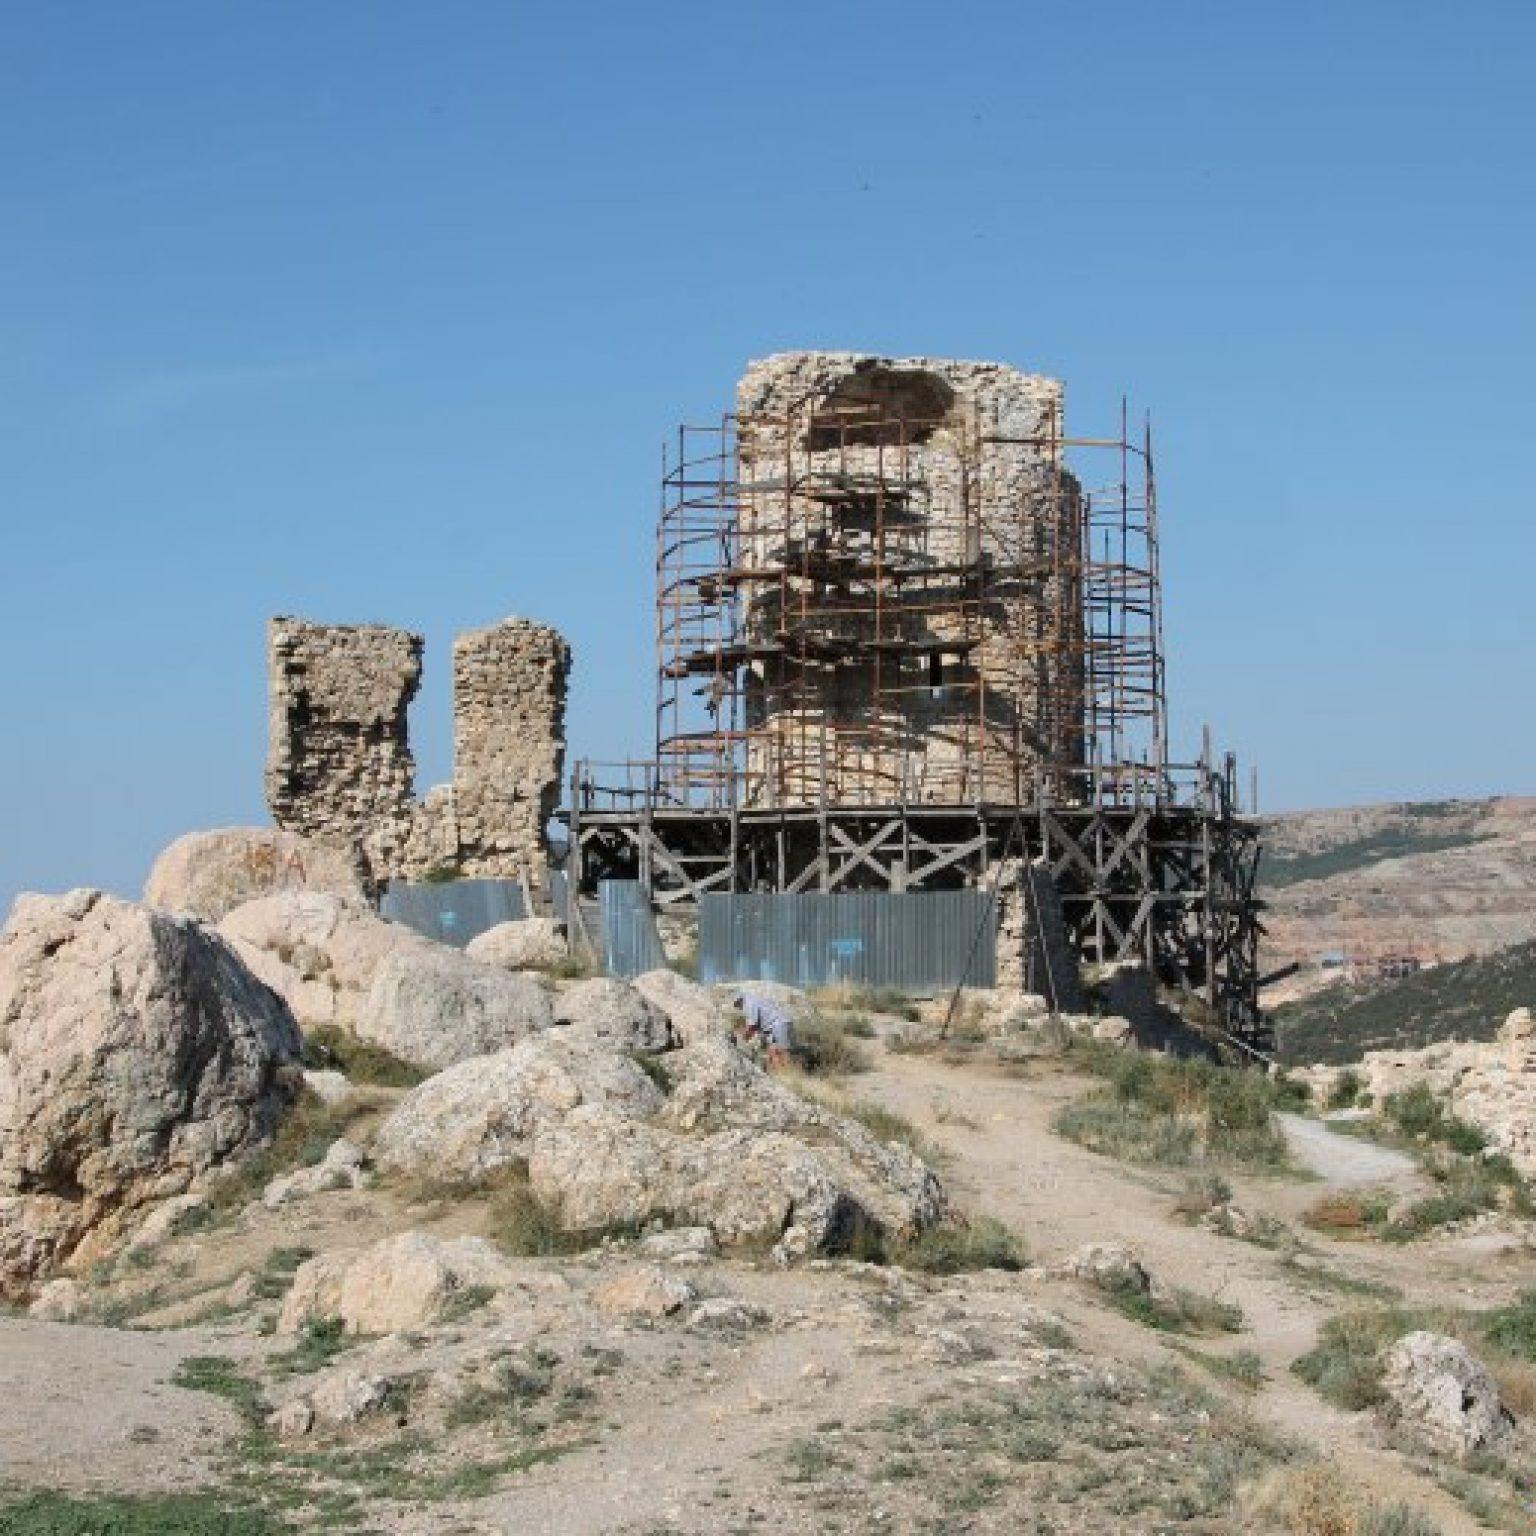 Достопримечательности Севастополя - Генуэзская крепость Чембало в Балаклаве